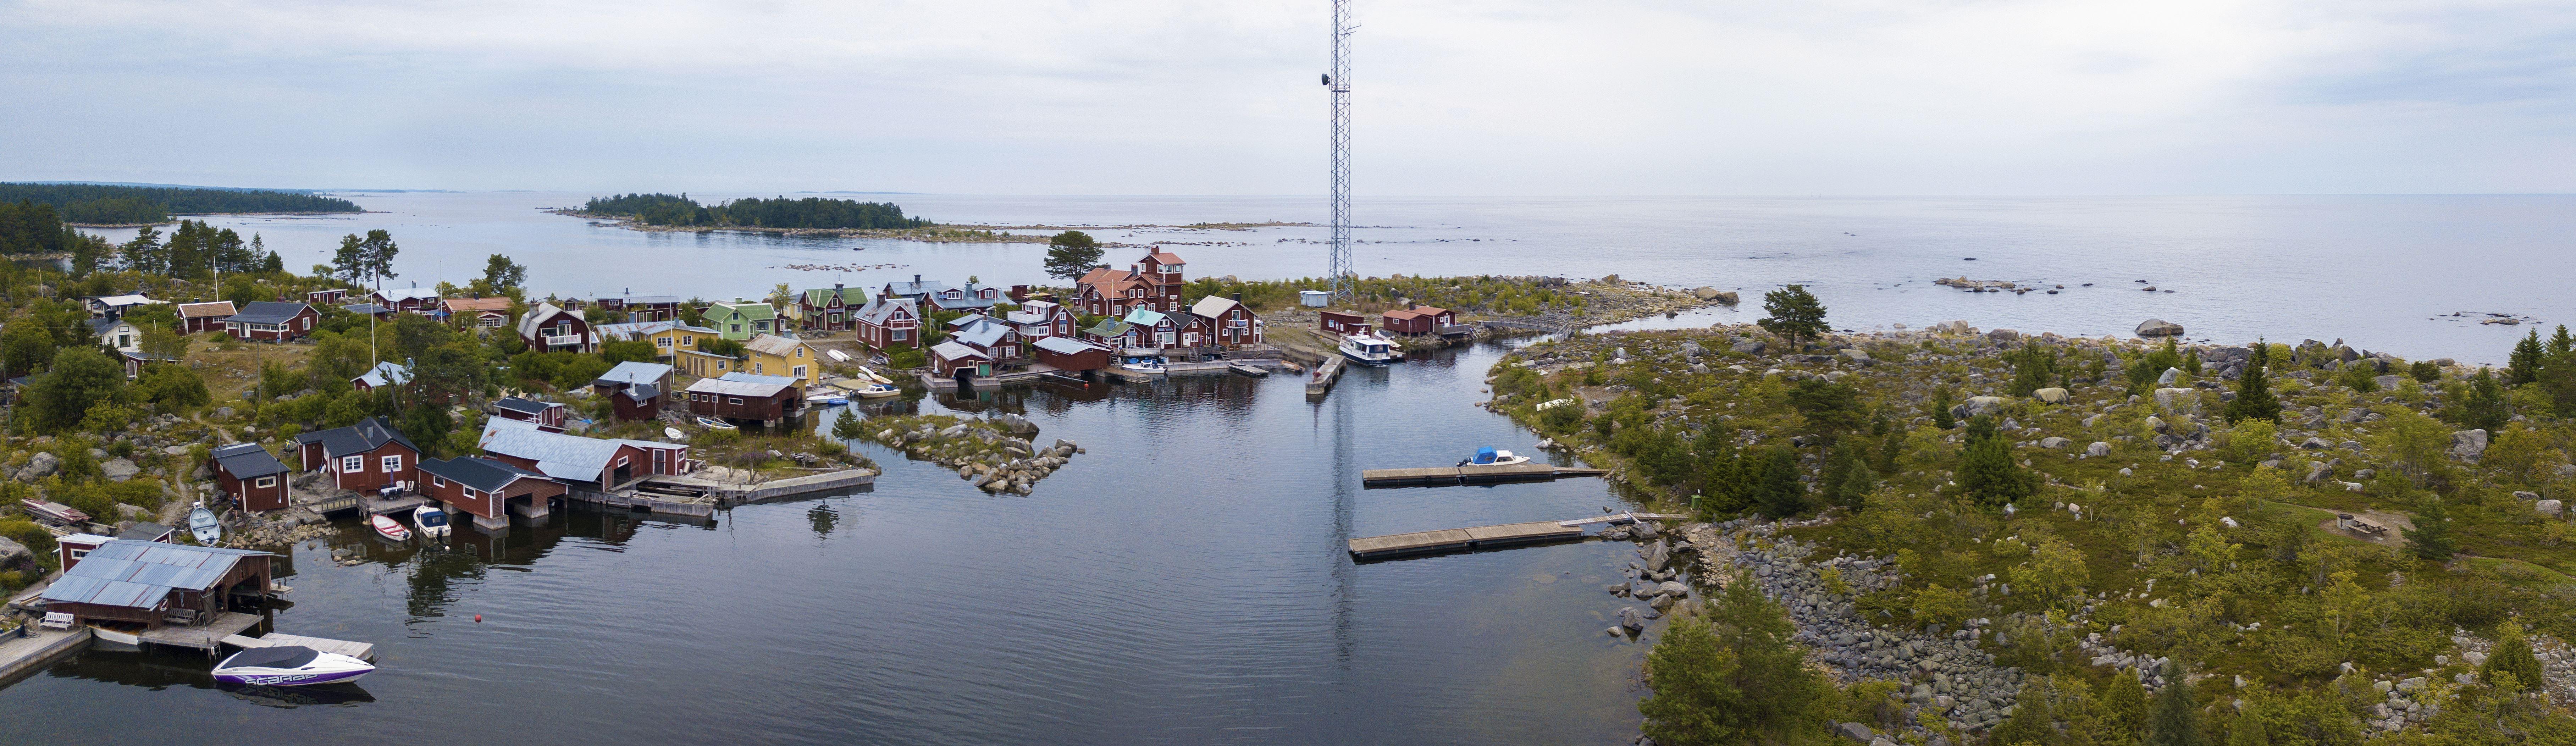 STF Söderhamn/Rönnskär Vandrarhem